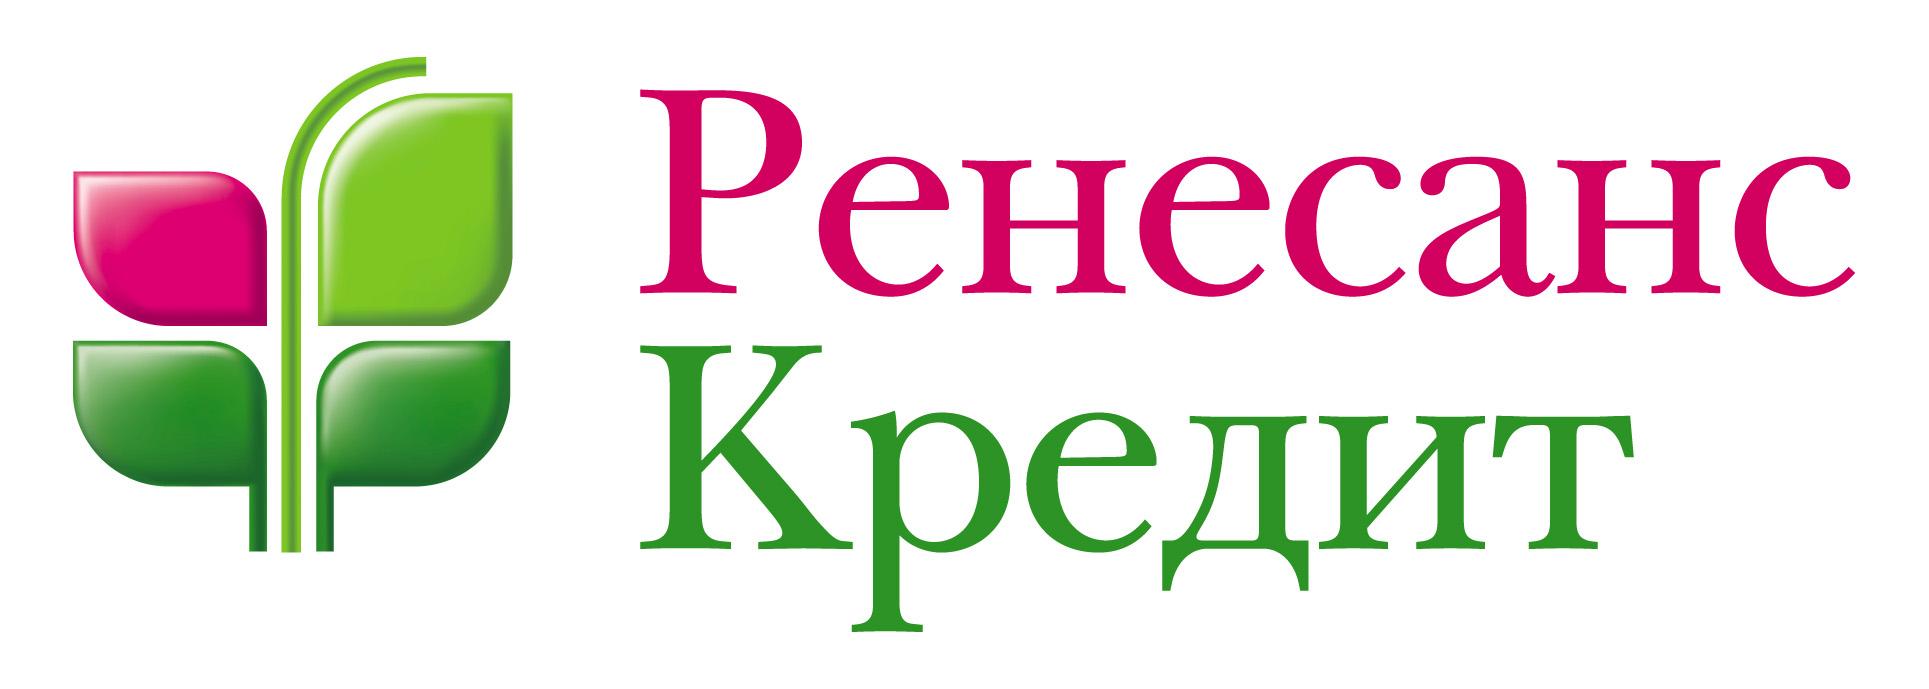 avtokredit-dlya-pensionerov_8